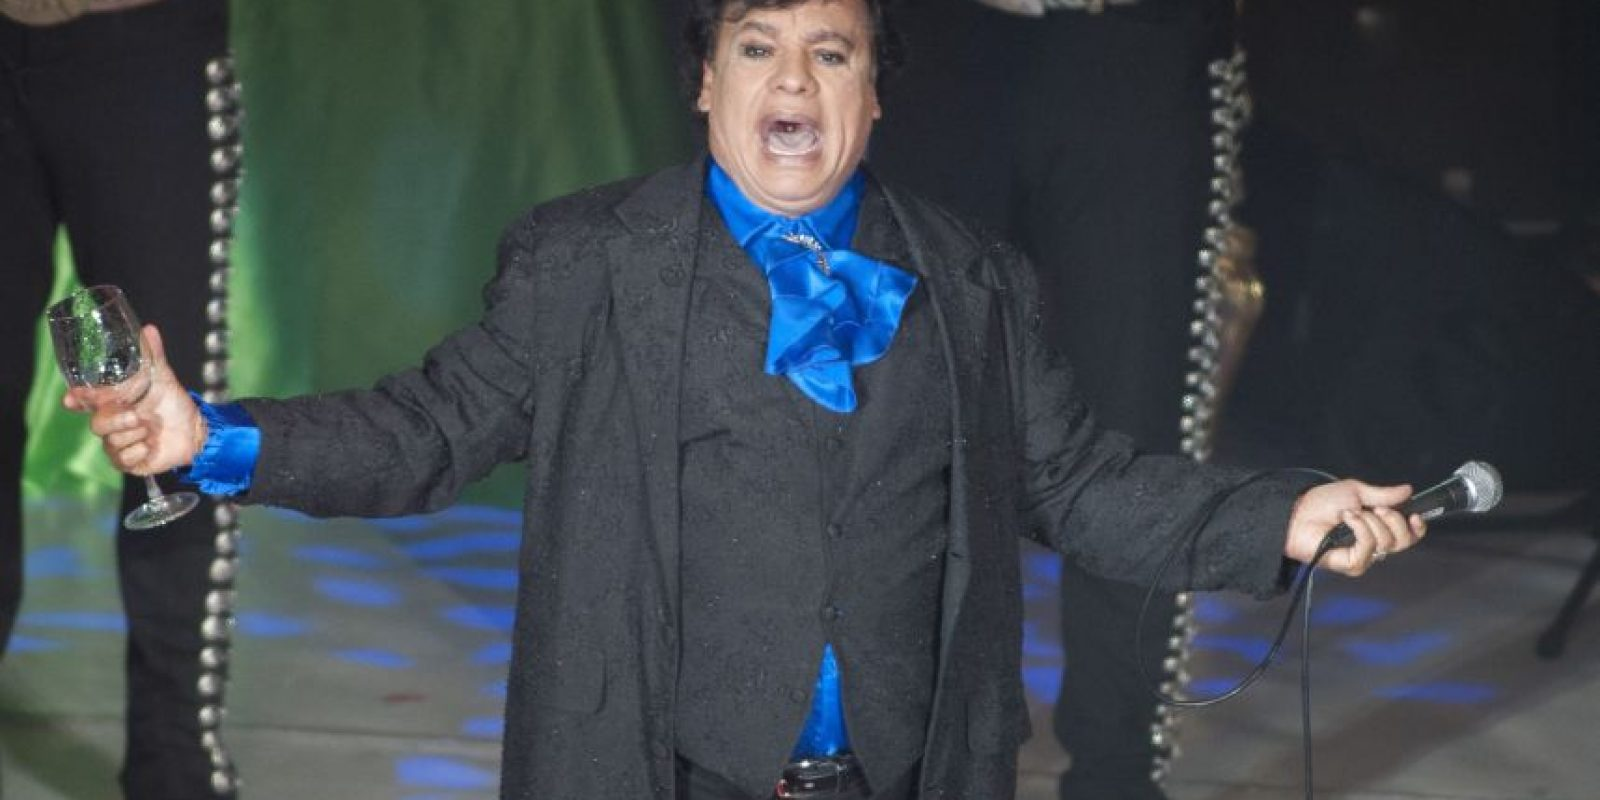 Alberto Aguilera Valadez falleció a los 66 años el 28 de agosto Foto:AP